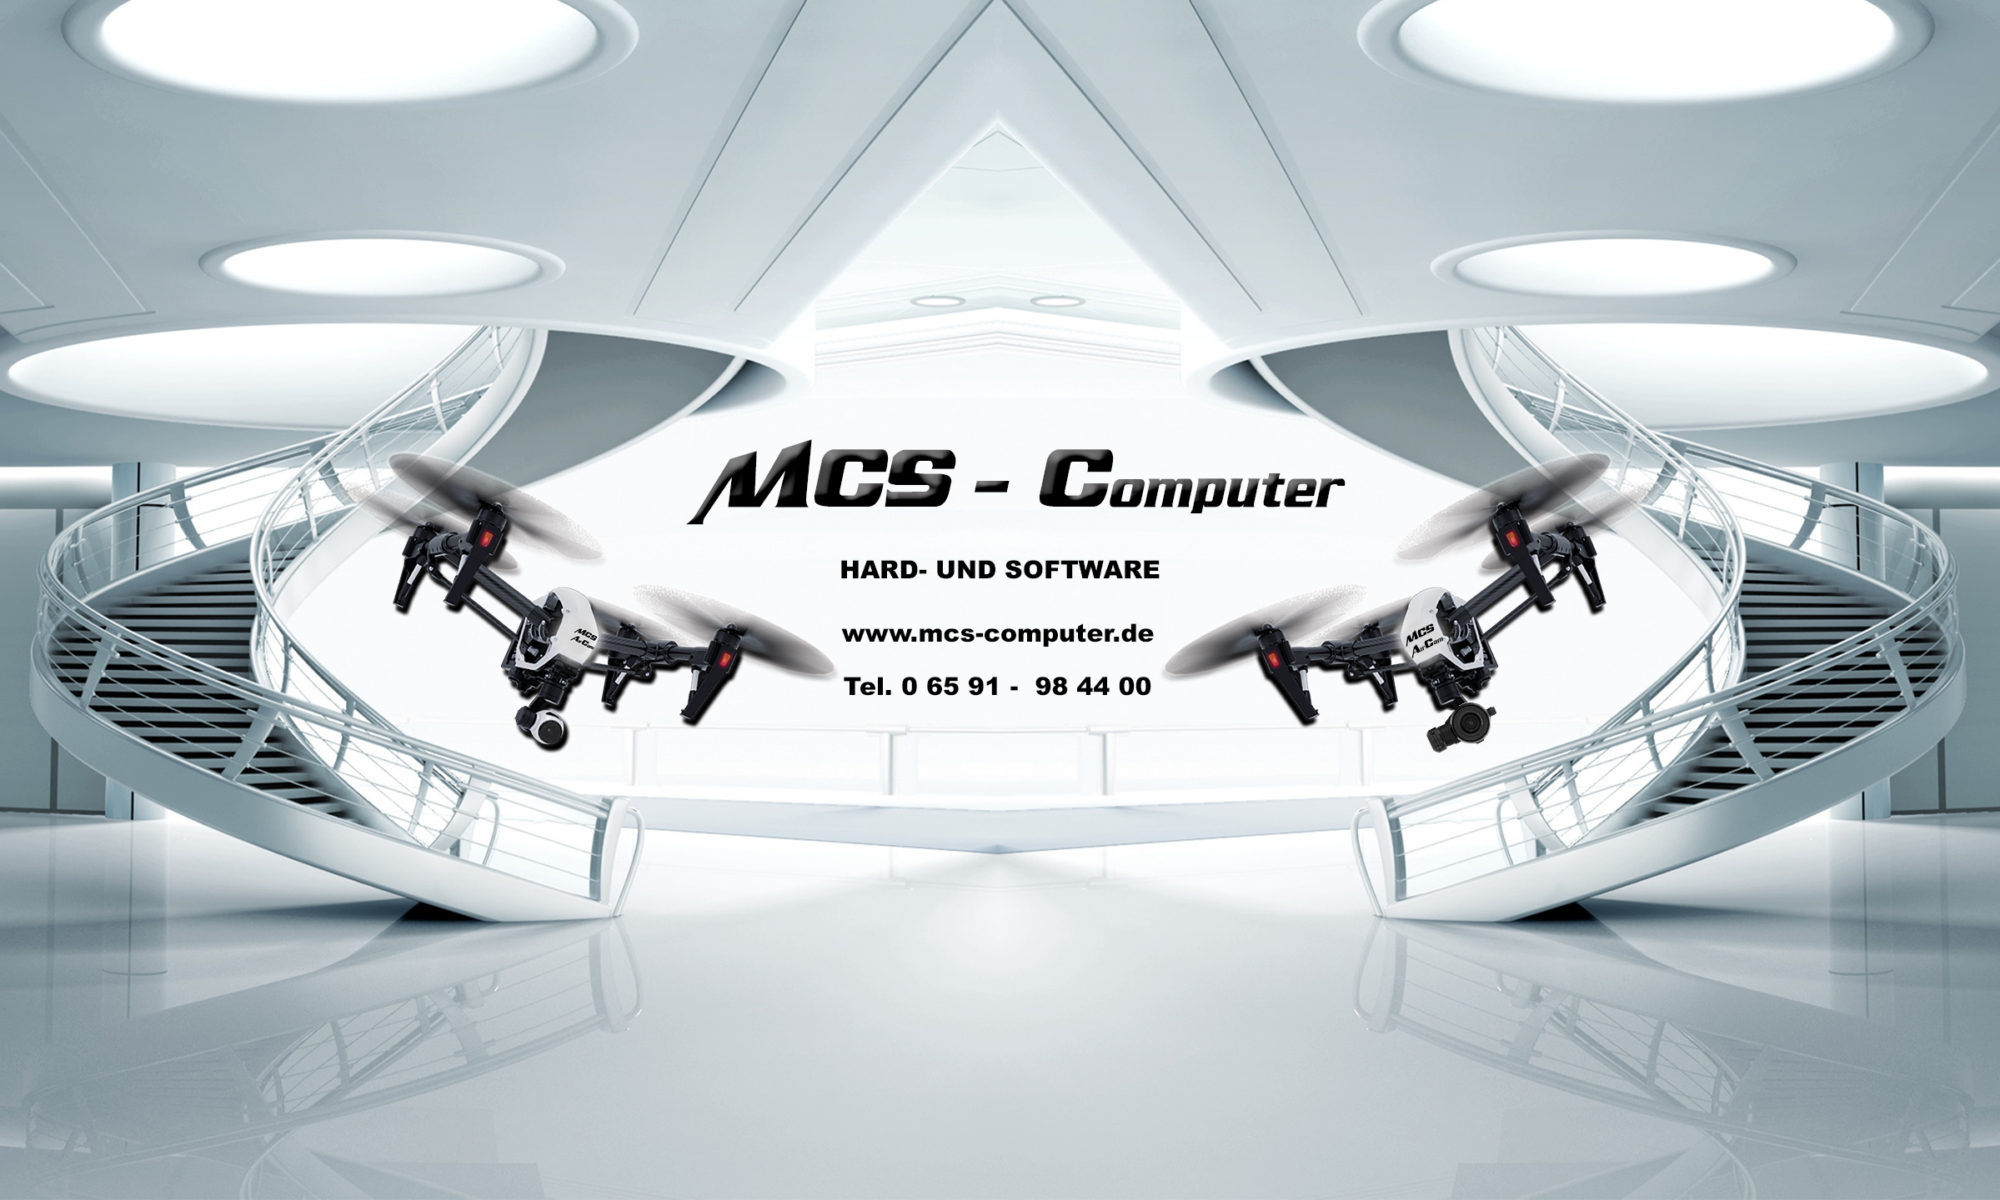 MCS-Computer